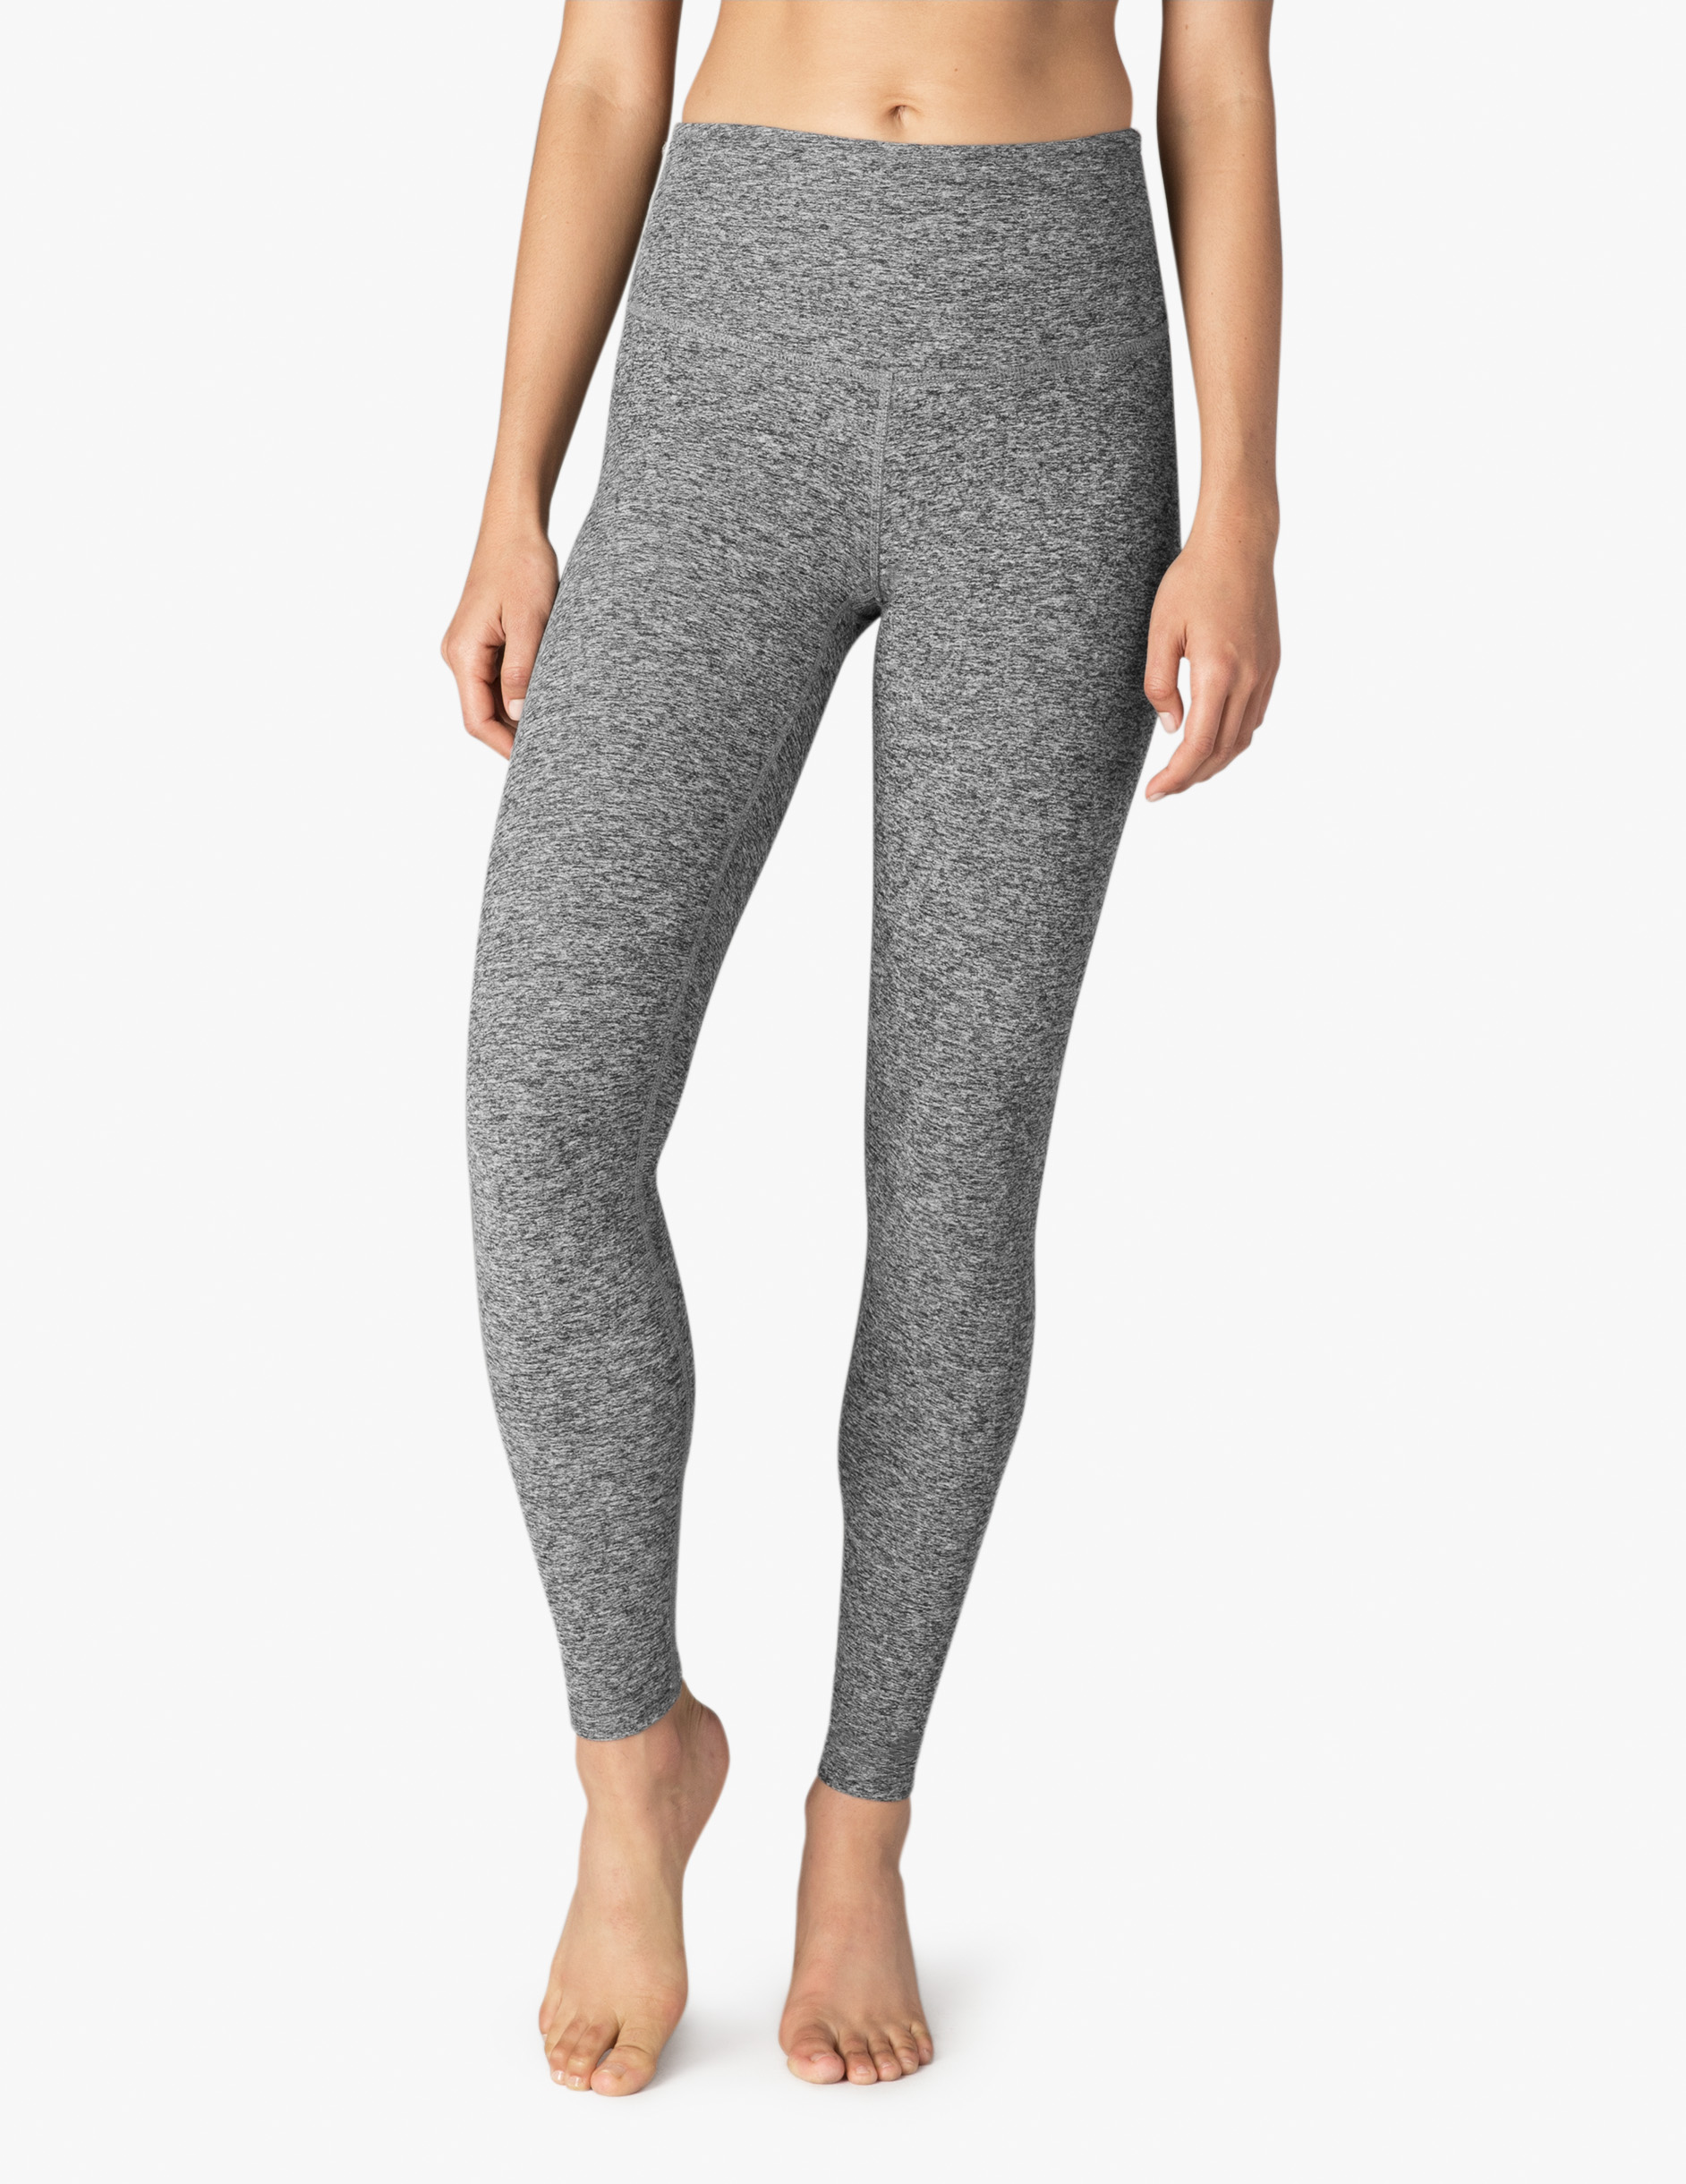 Beyond Yoga Spacedye High Waist Yoga leggings full length black white